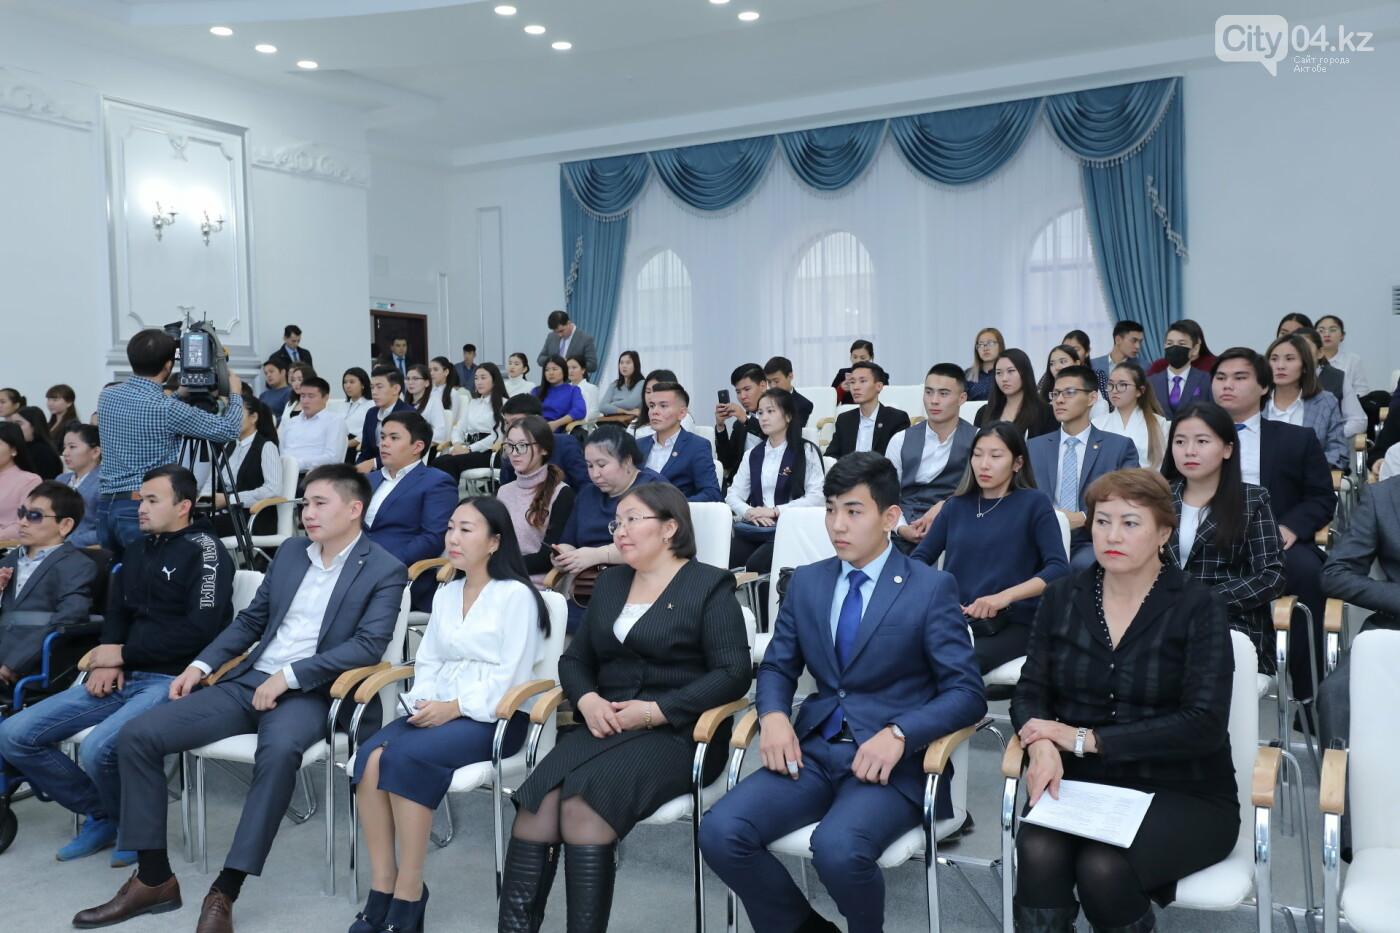 Сапарбаев в Актобе встретился с молодежью и посмотрел хоккейный матч, фото-1